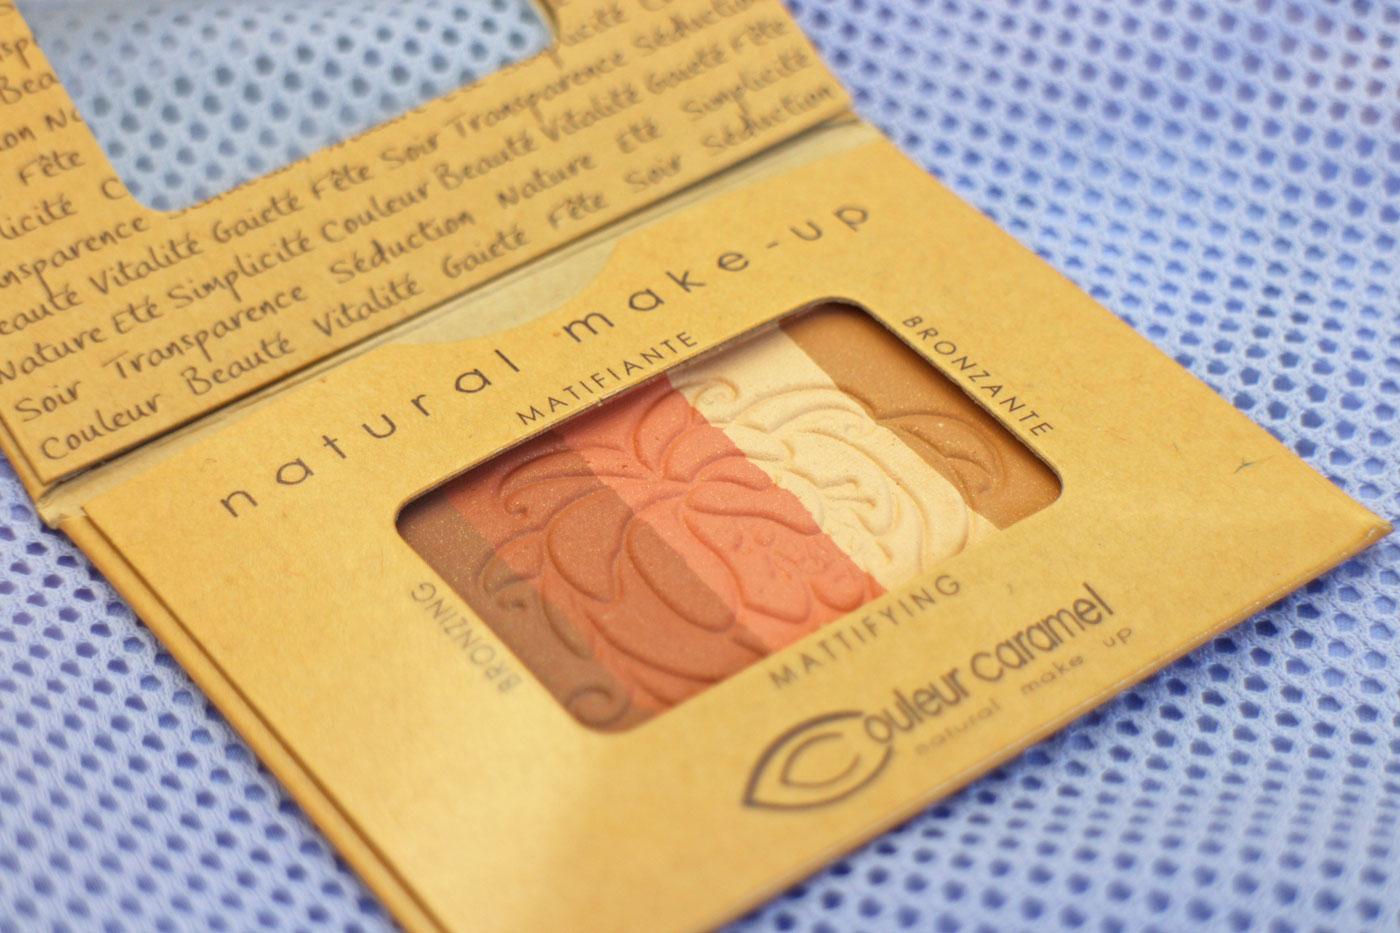 Couleur Caramel Essence de Provence